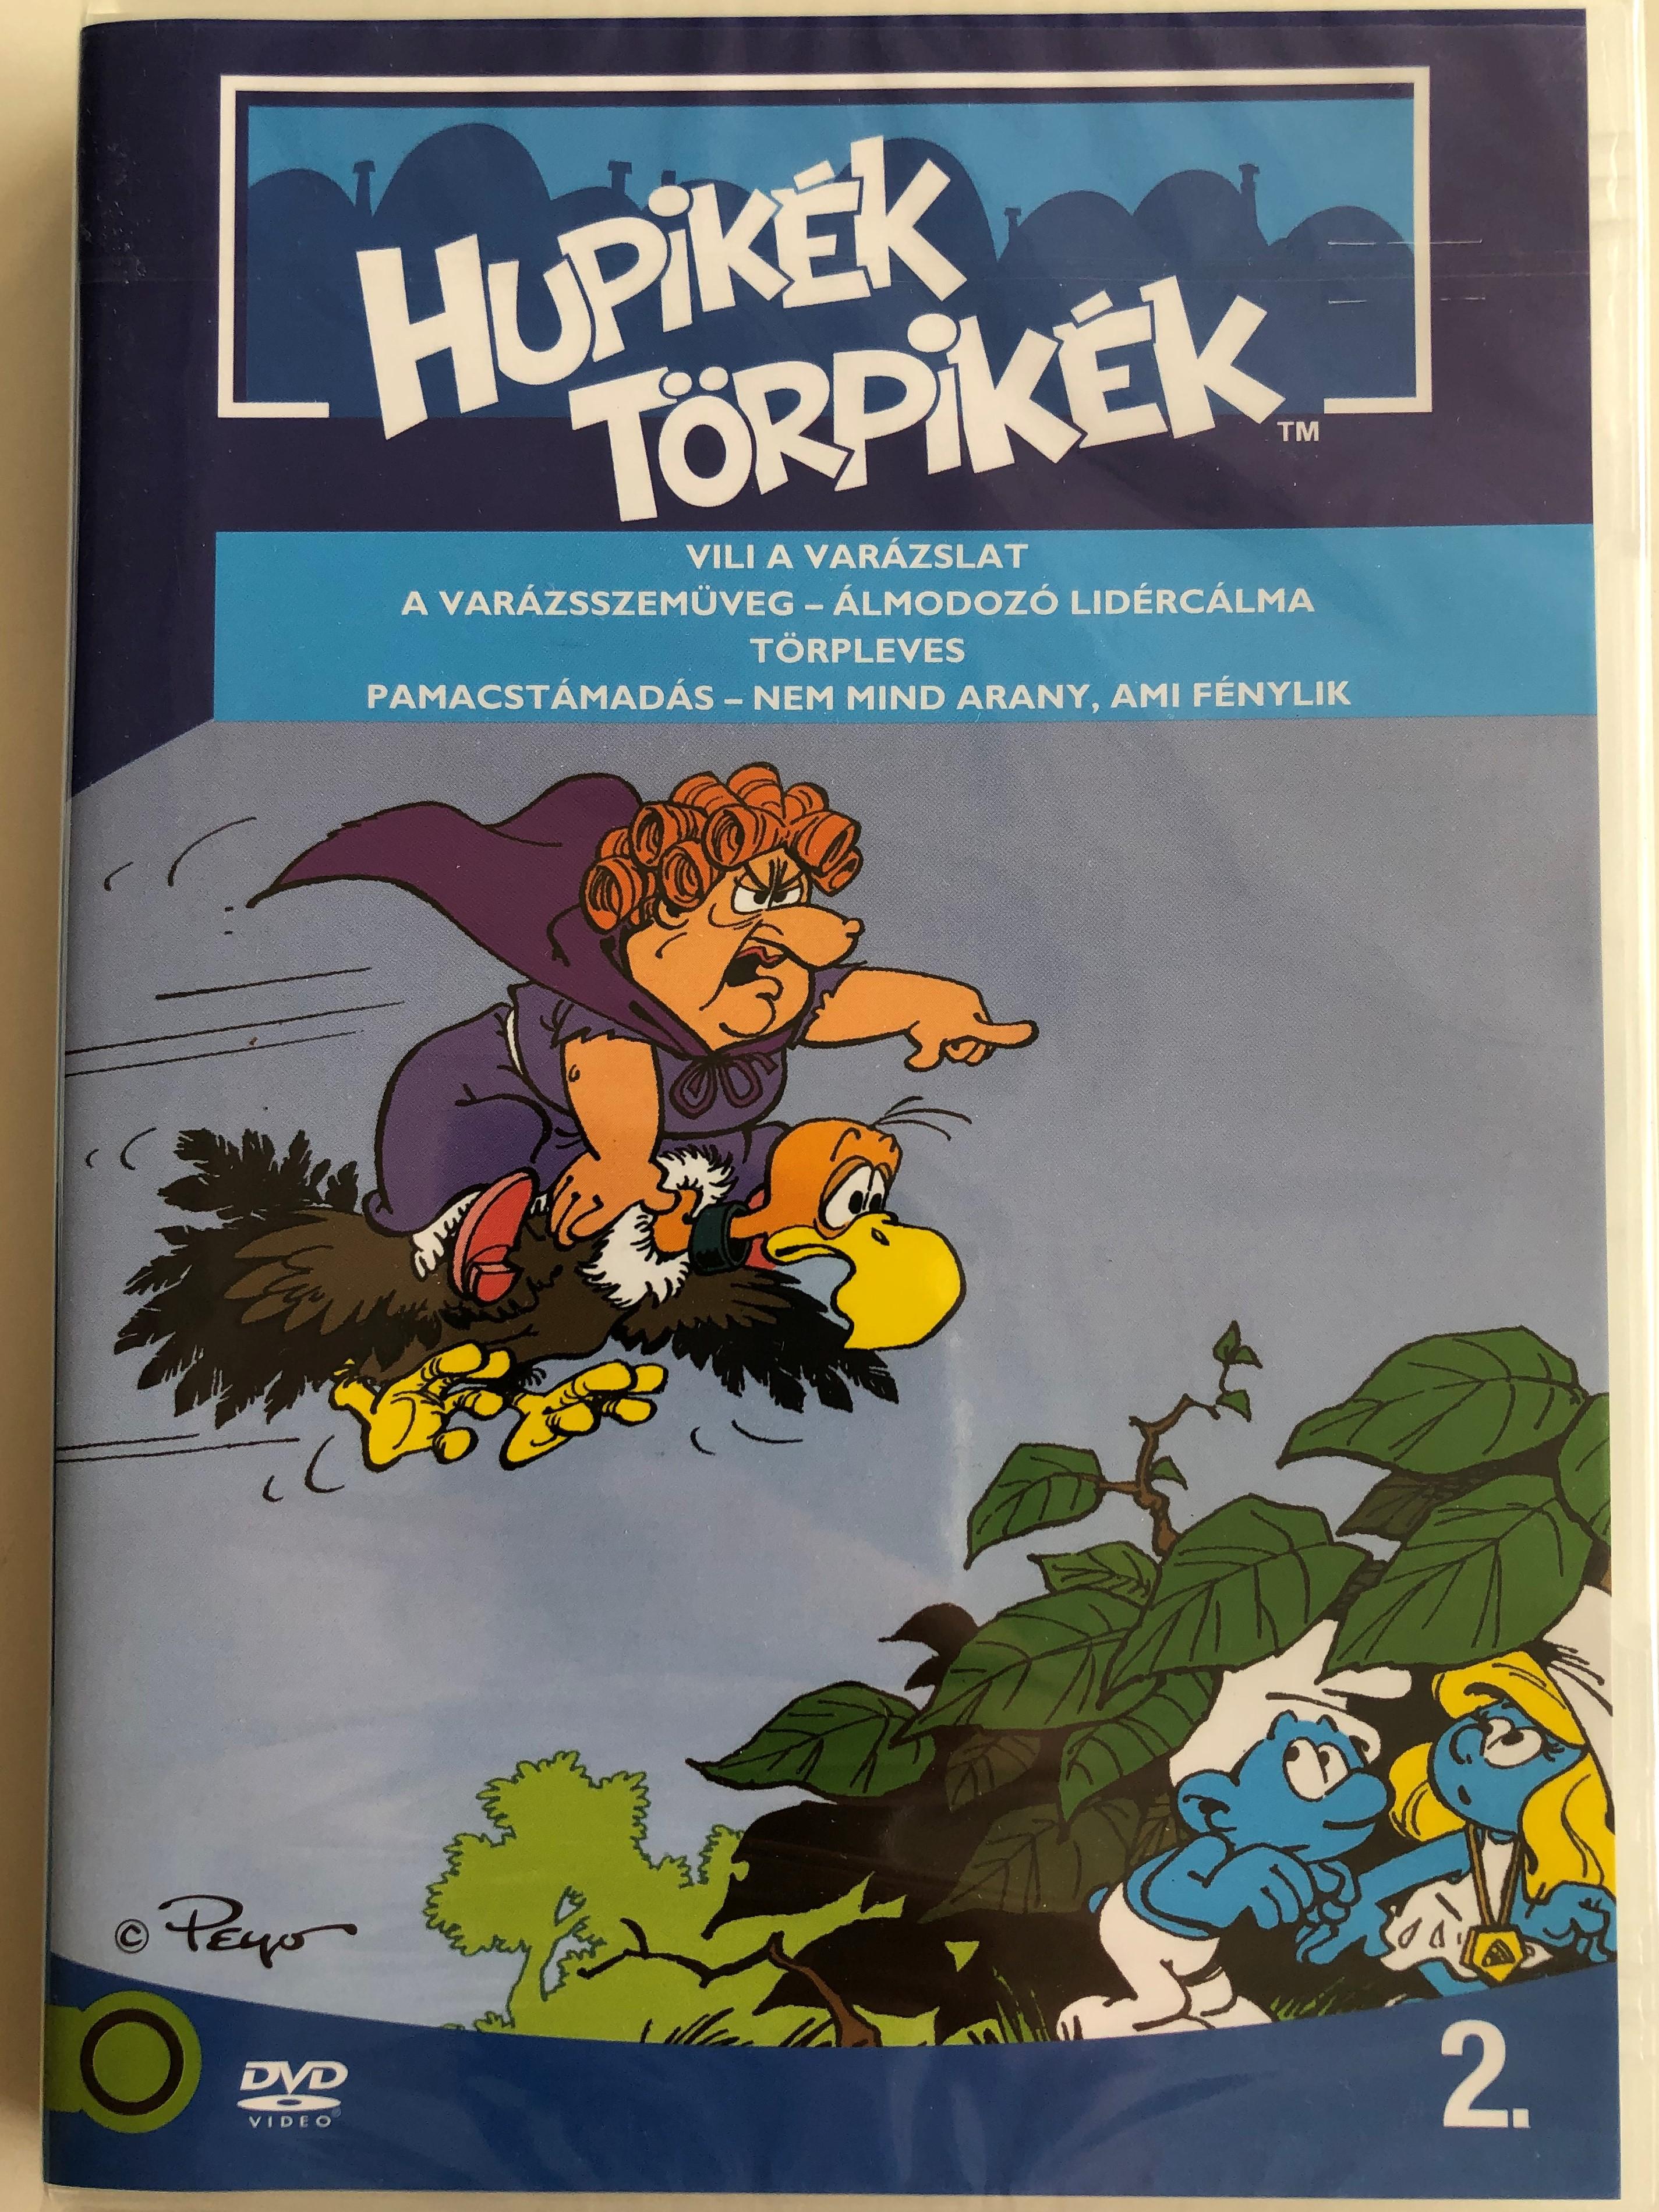 smurfs-2.-dvd-1982-hupik-k-t-rpik-k-2.-episodes-from-season-2-created-by-peyo-1.jpg